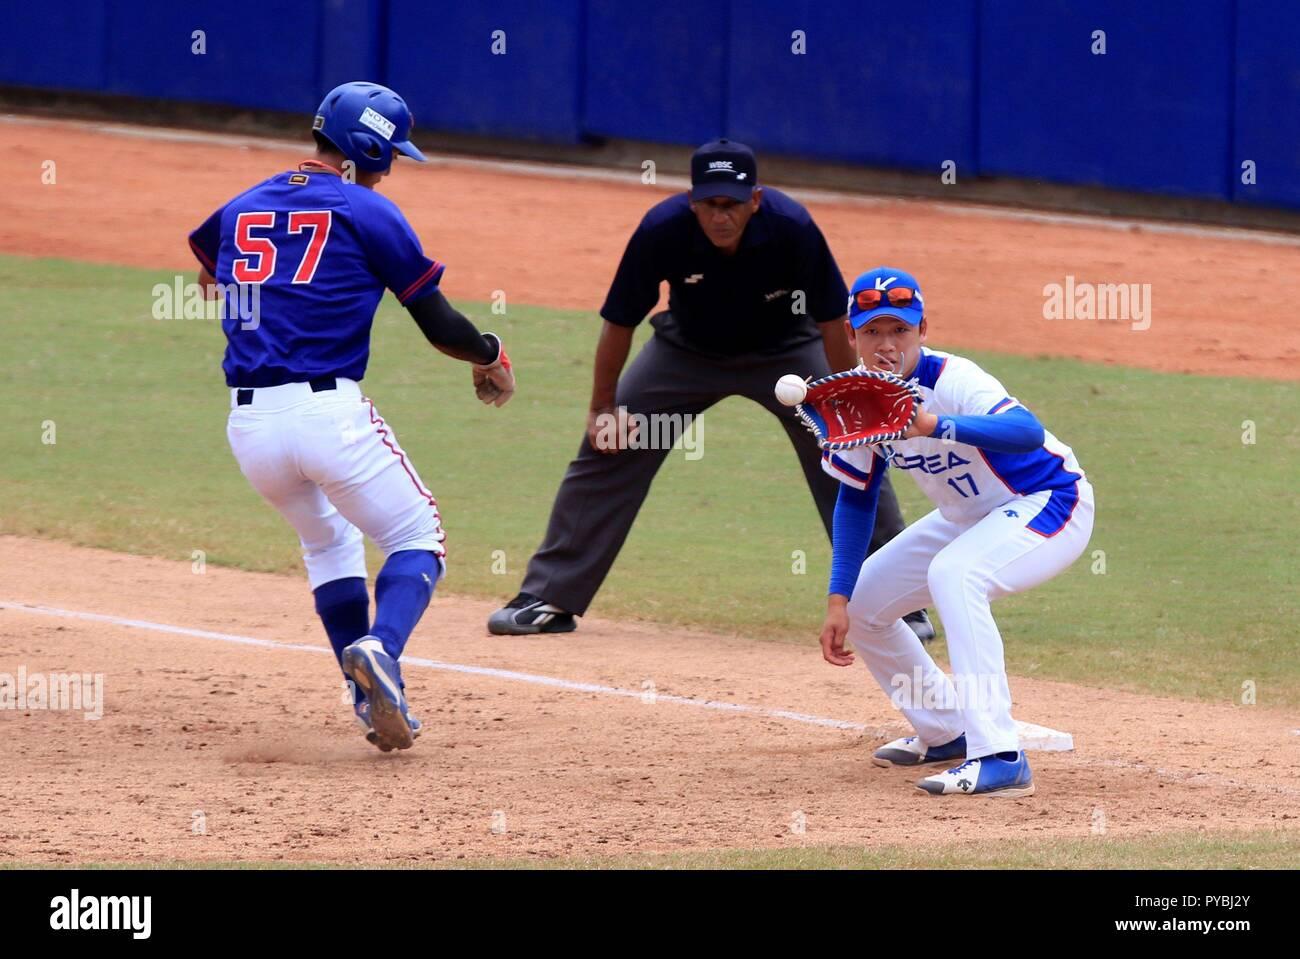 Taeseong la Corée Choe (R) reçoit une balle au cours de la Bogota 2018 Coupe du Monde de base-ball des moins de 23 match entre la Corée et la Chine Taipei, à Barranquilla, Colombie, l'Atlantique, le 26 octobre 2018. L'EFE/Ricardo Maldonado Rozo Photo Stock